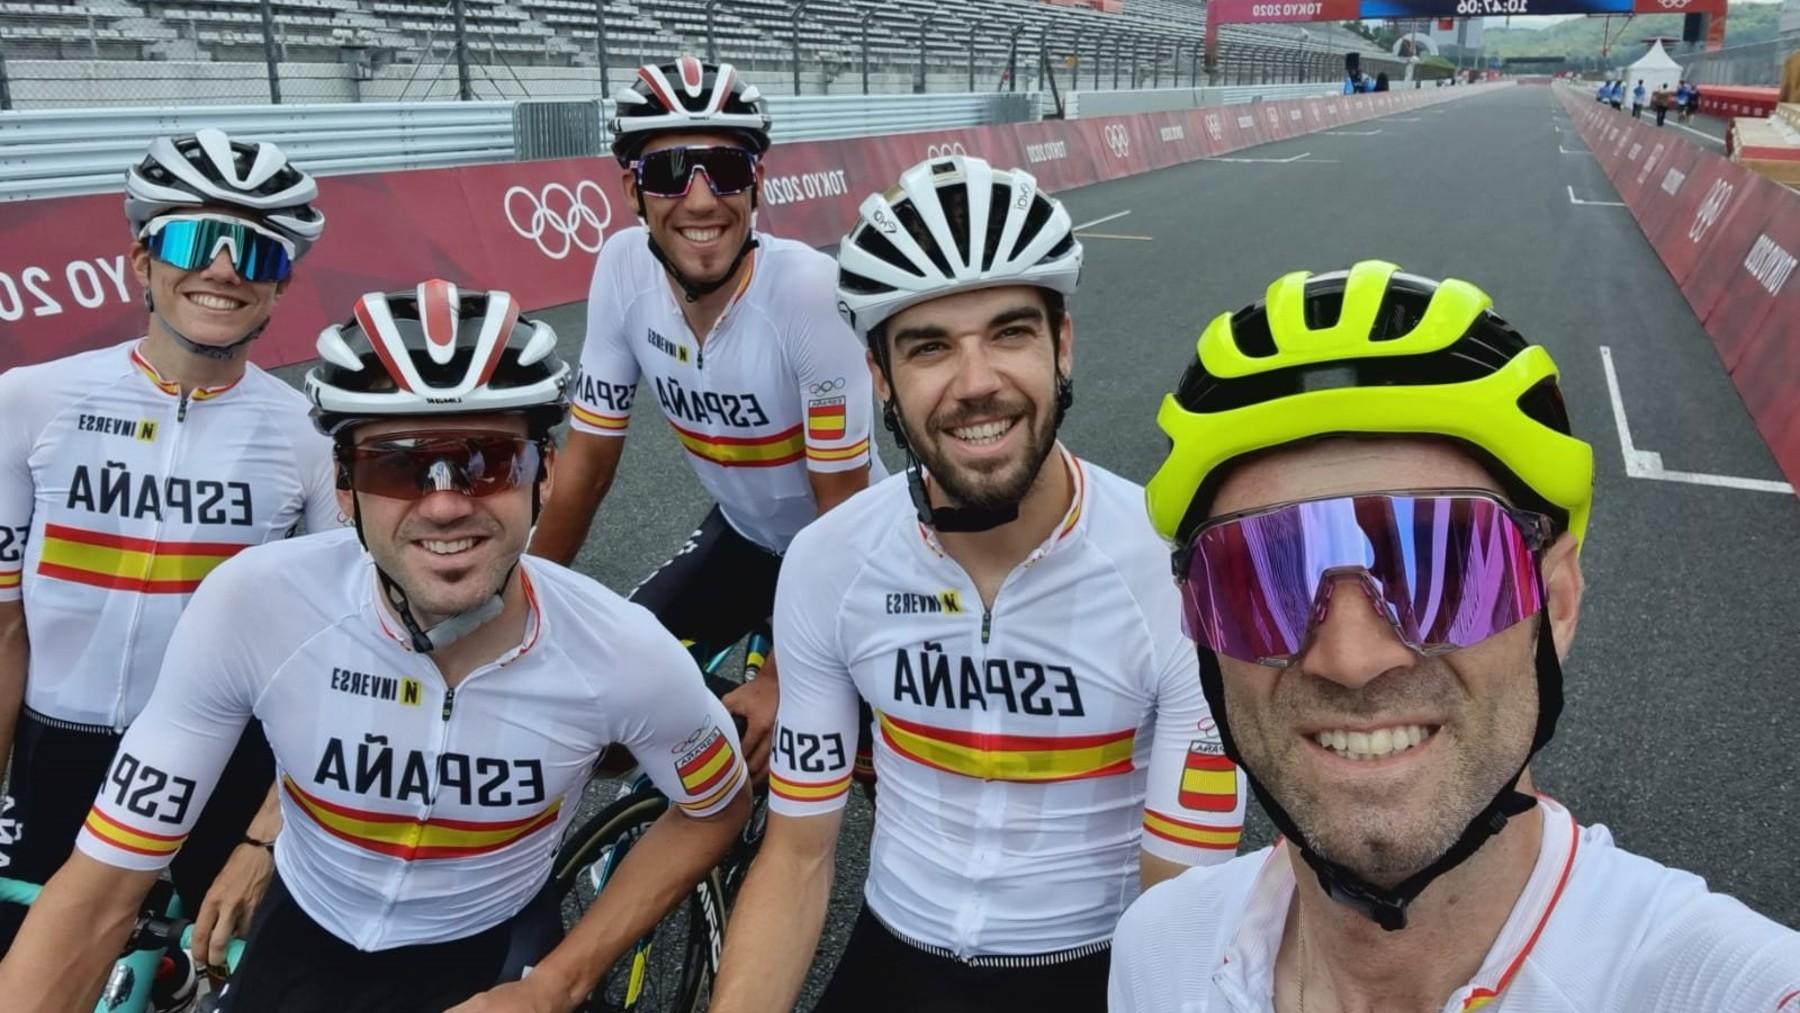 El equipo olímpico español de ciclismo.